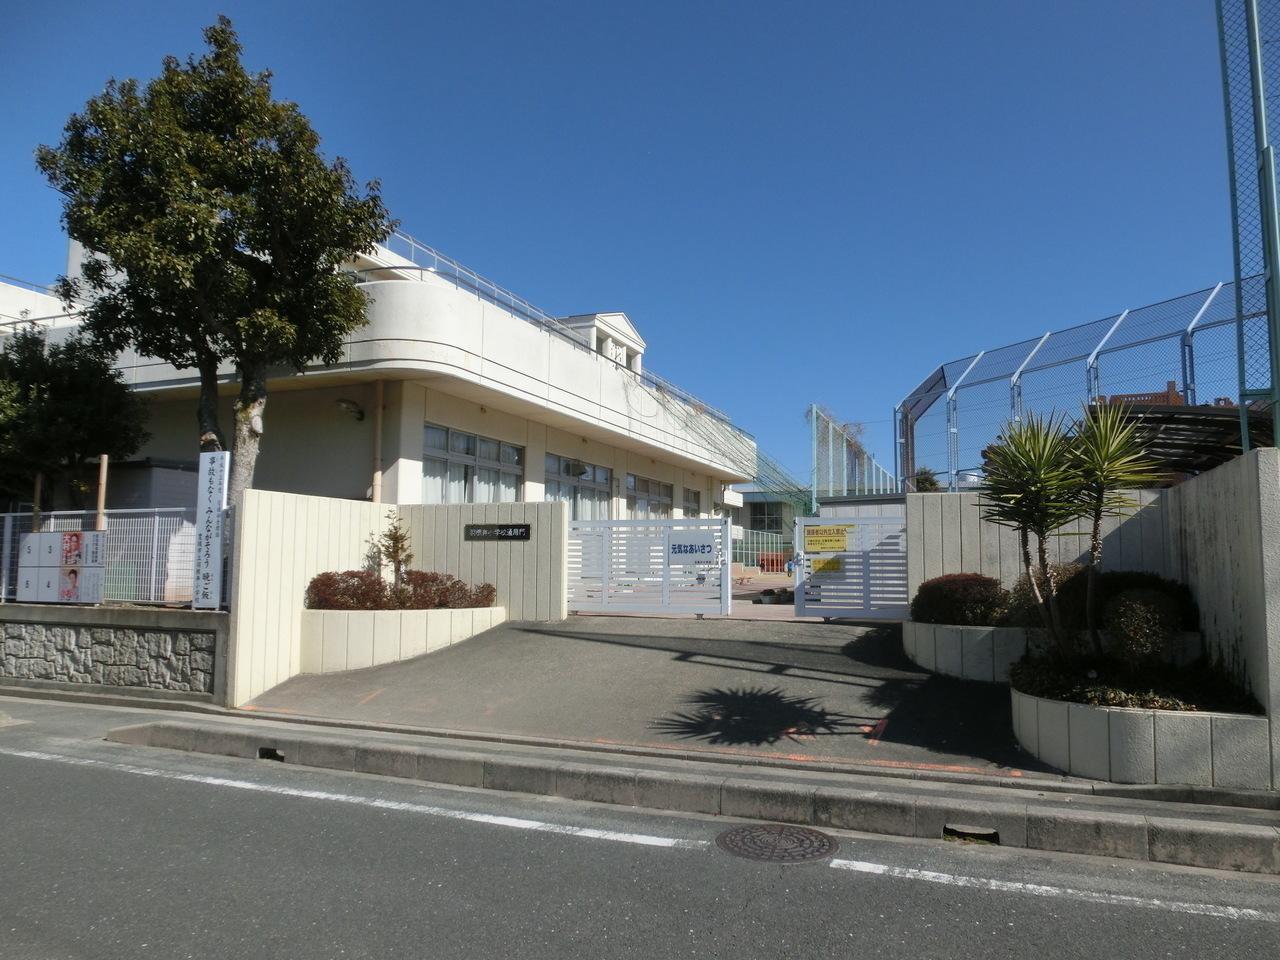 【小学校】豊橋市立羽根井小学校まで徒歩5分(335m)